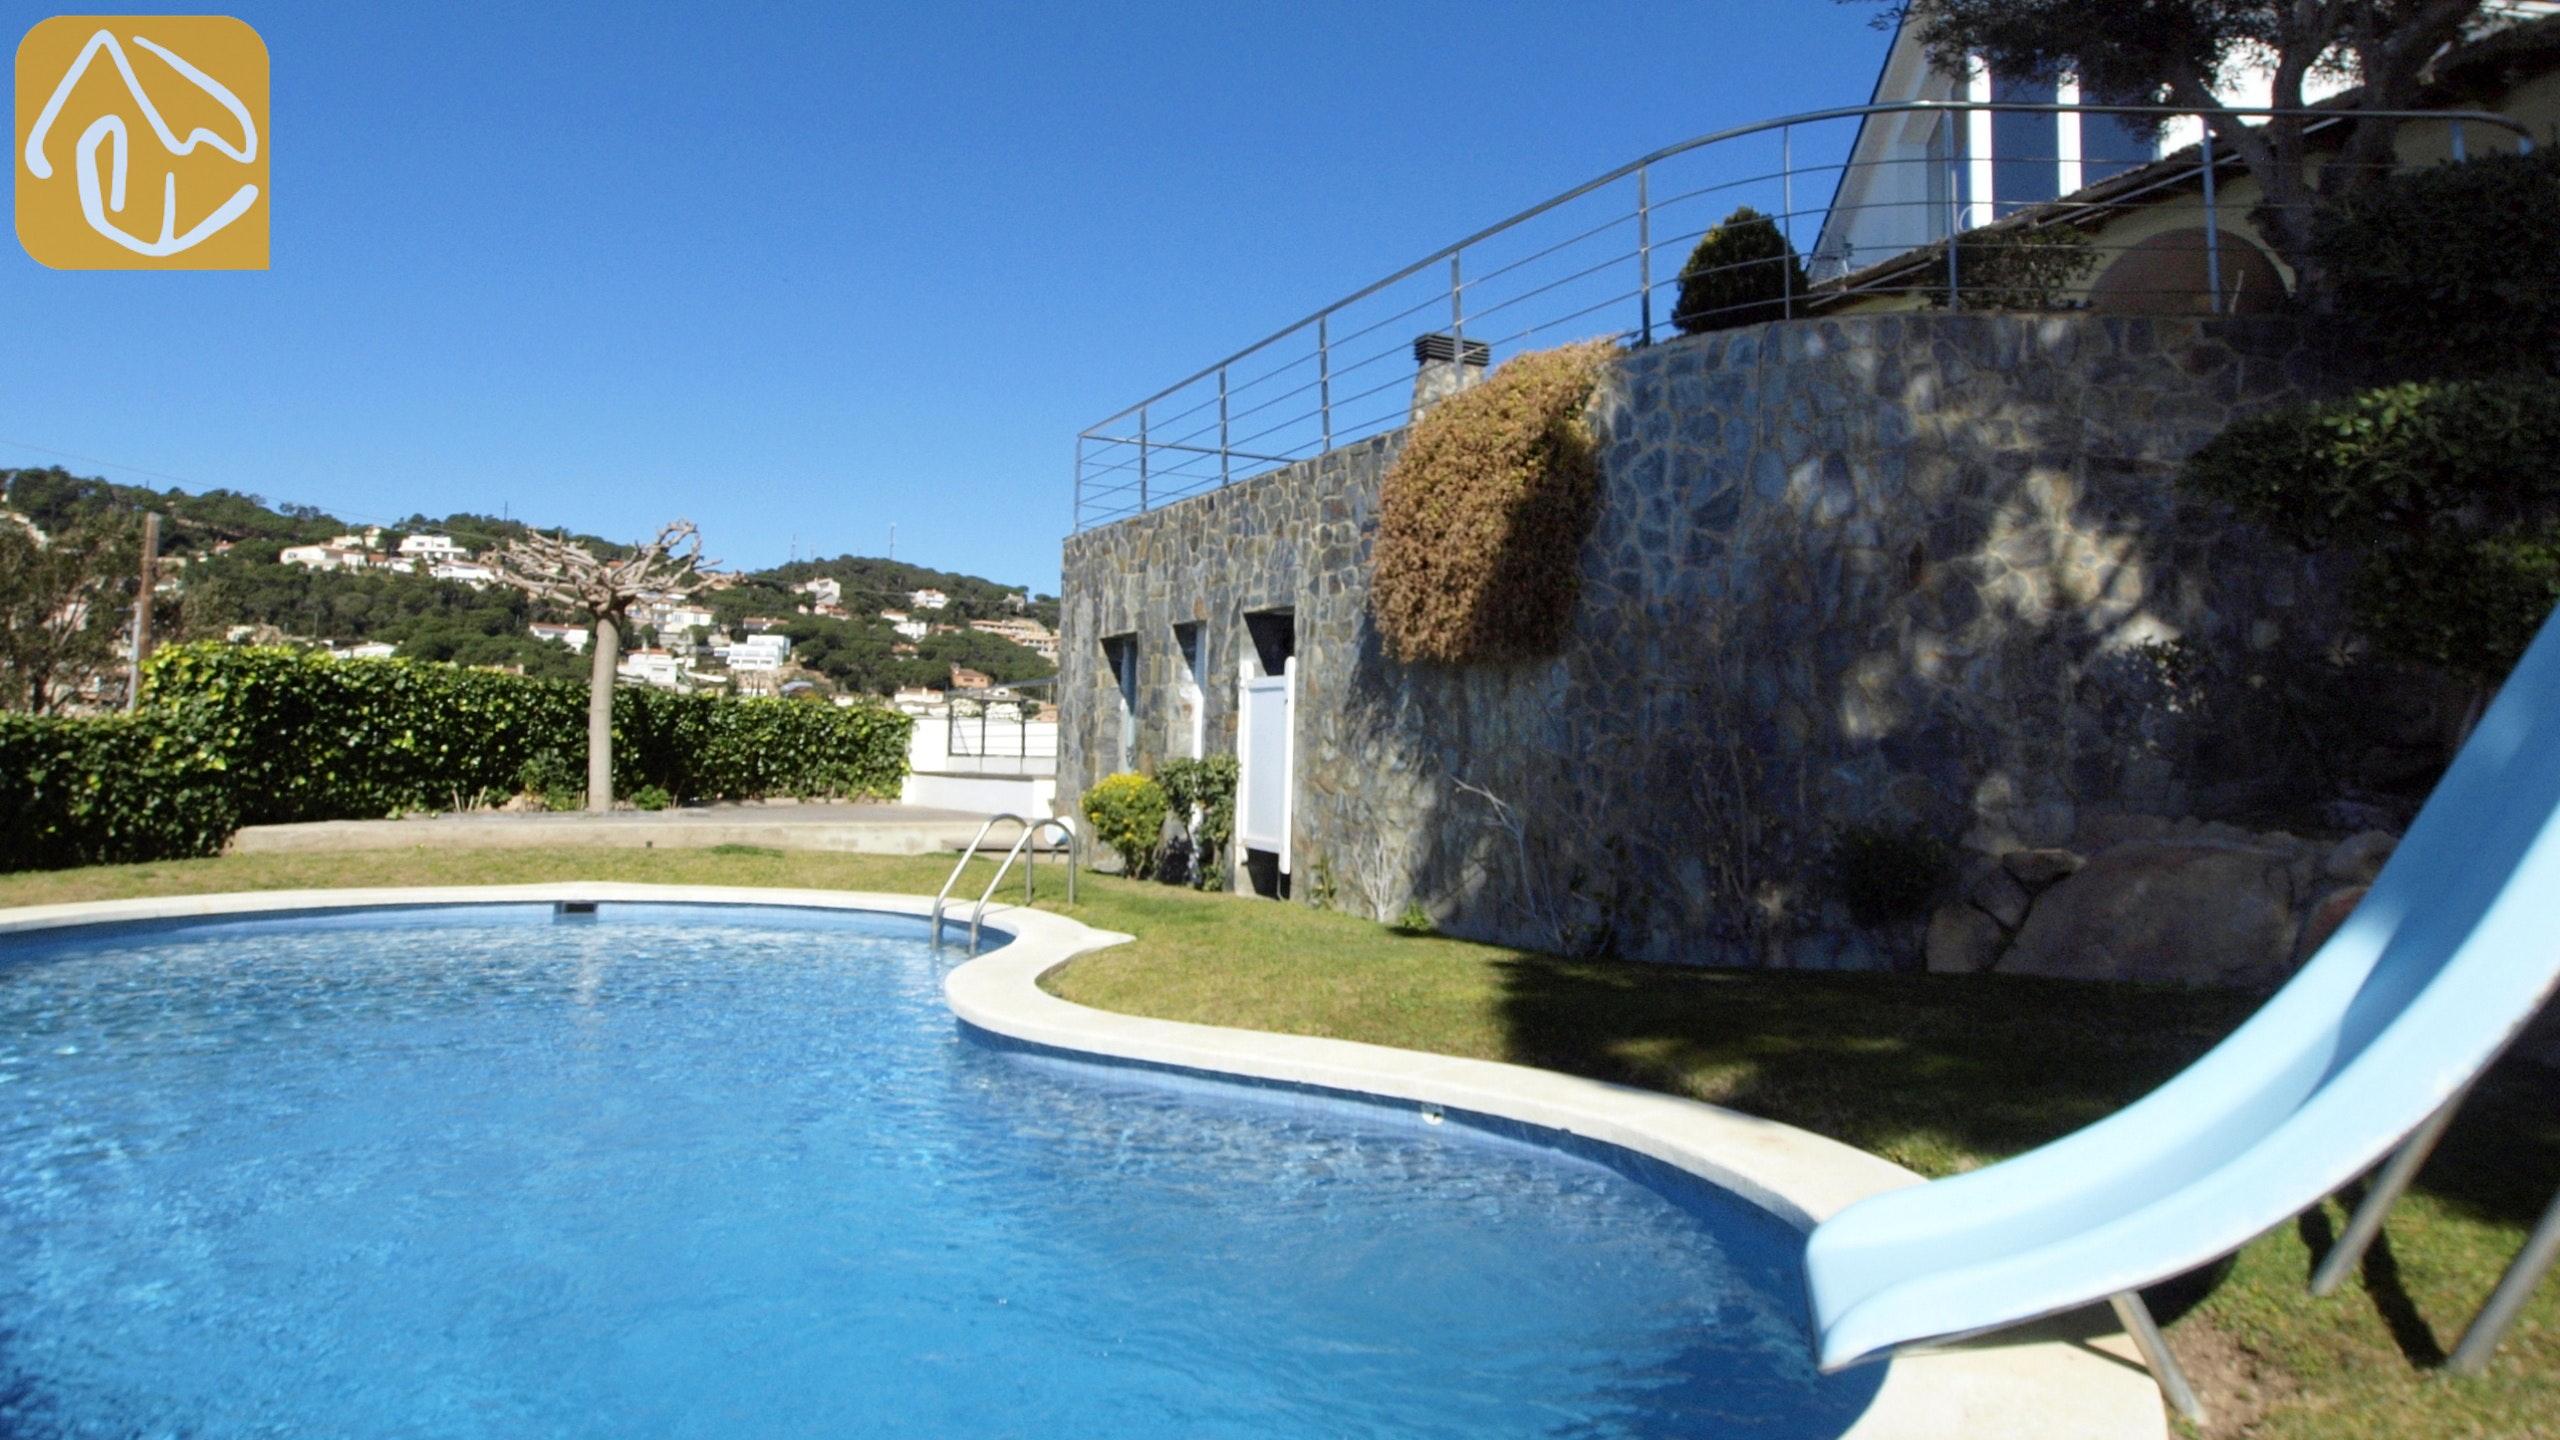 Captivating Ferienhäuser Costa Brava Spanien   Villa Fellini   Schwimmbad